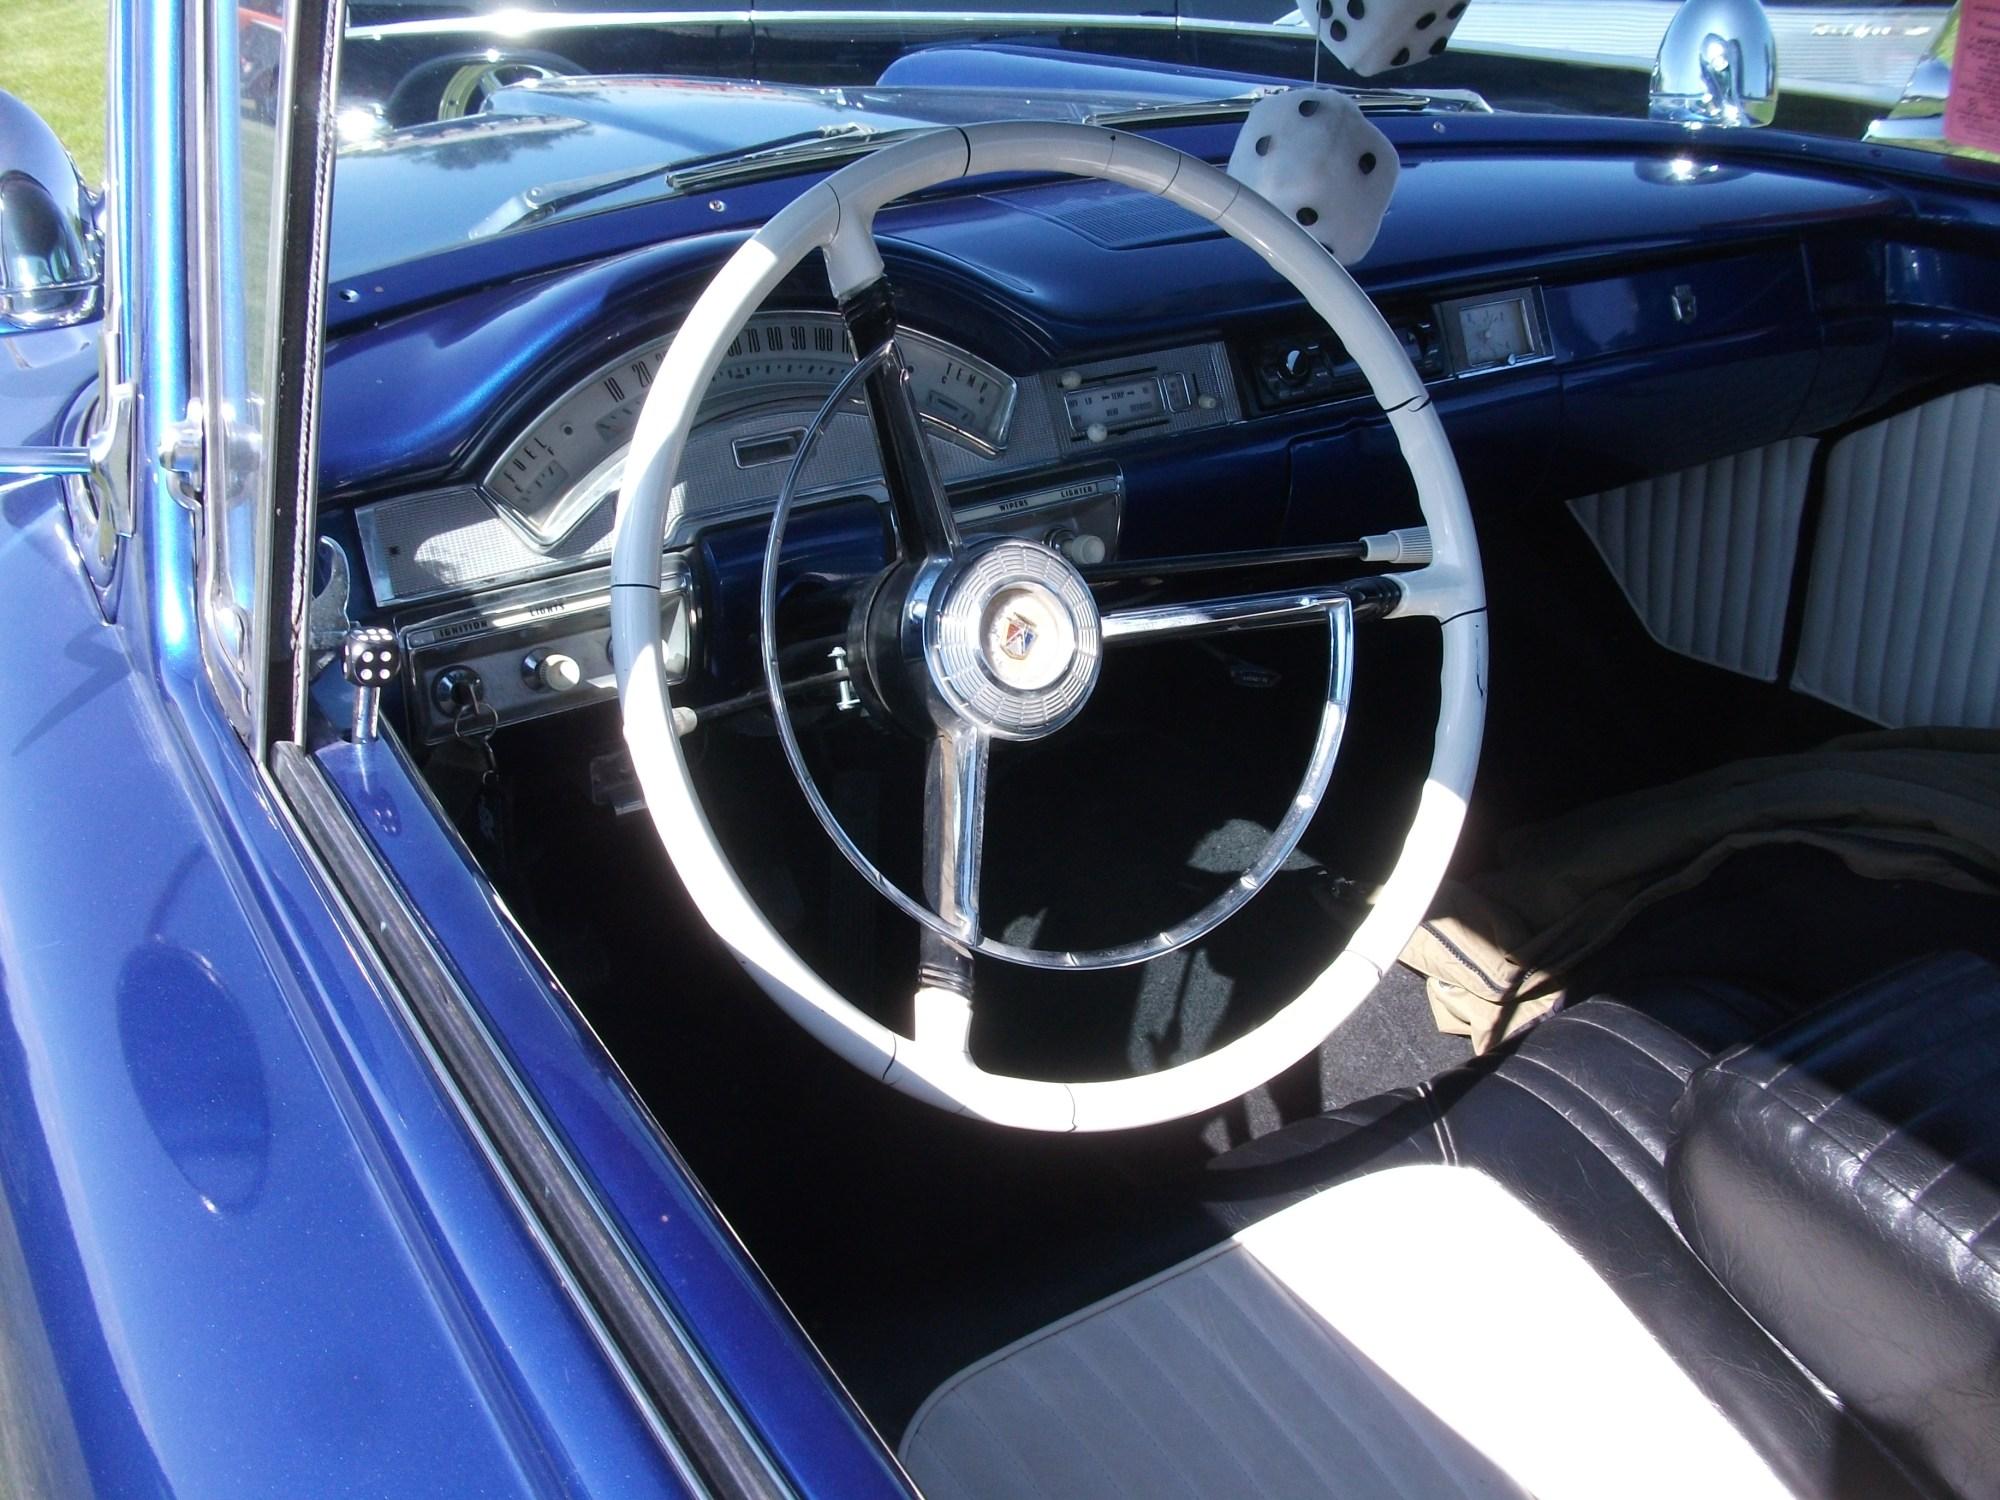 hight resolution of file 1958 ford ranchero interior 5882805410 jpg